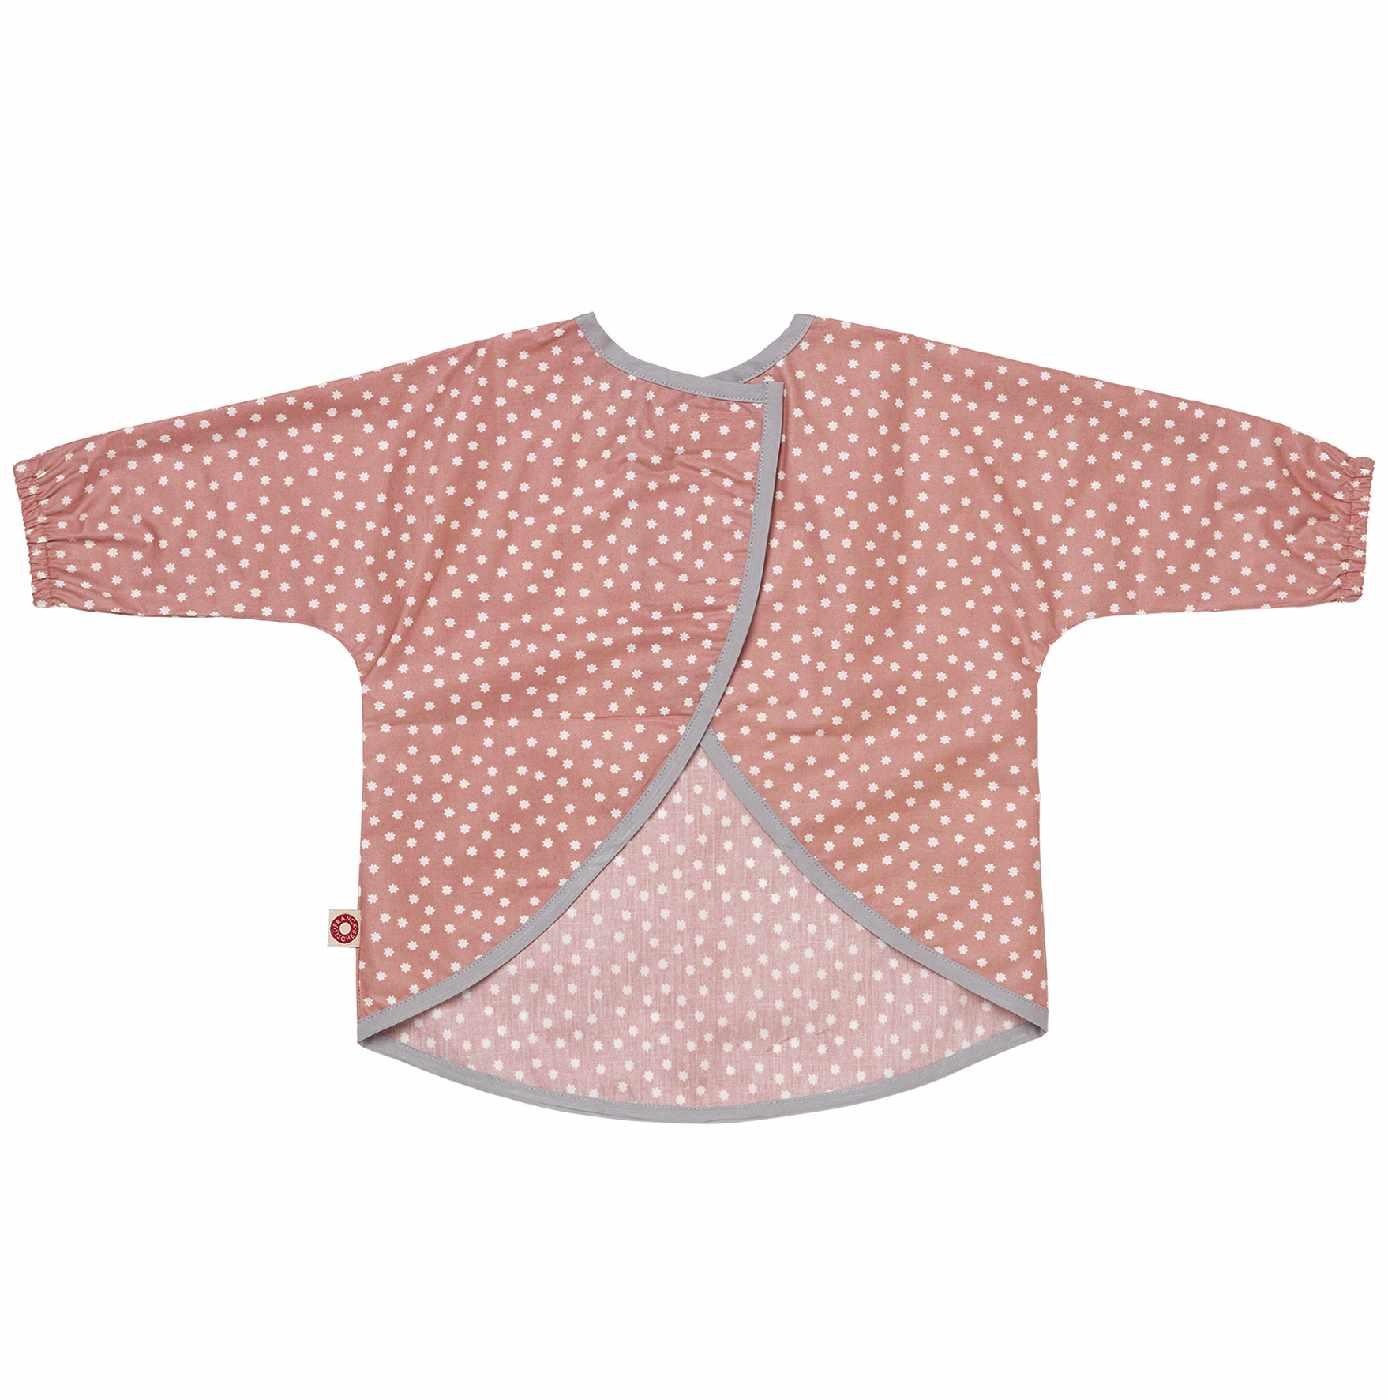 franck fischer sch rze mit langen rmeln f r kinder von 2 5 jahren blumenmuster pink. Black Bedroom Furniture Sets. Home Design Ideas